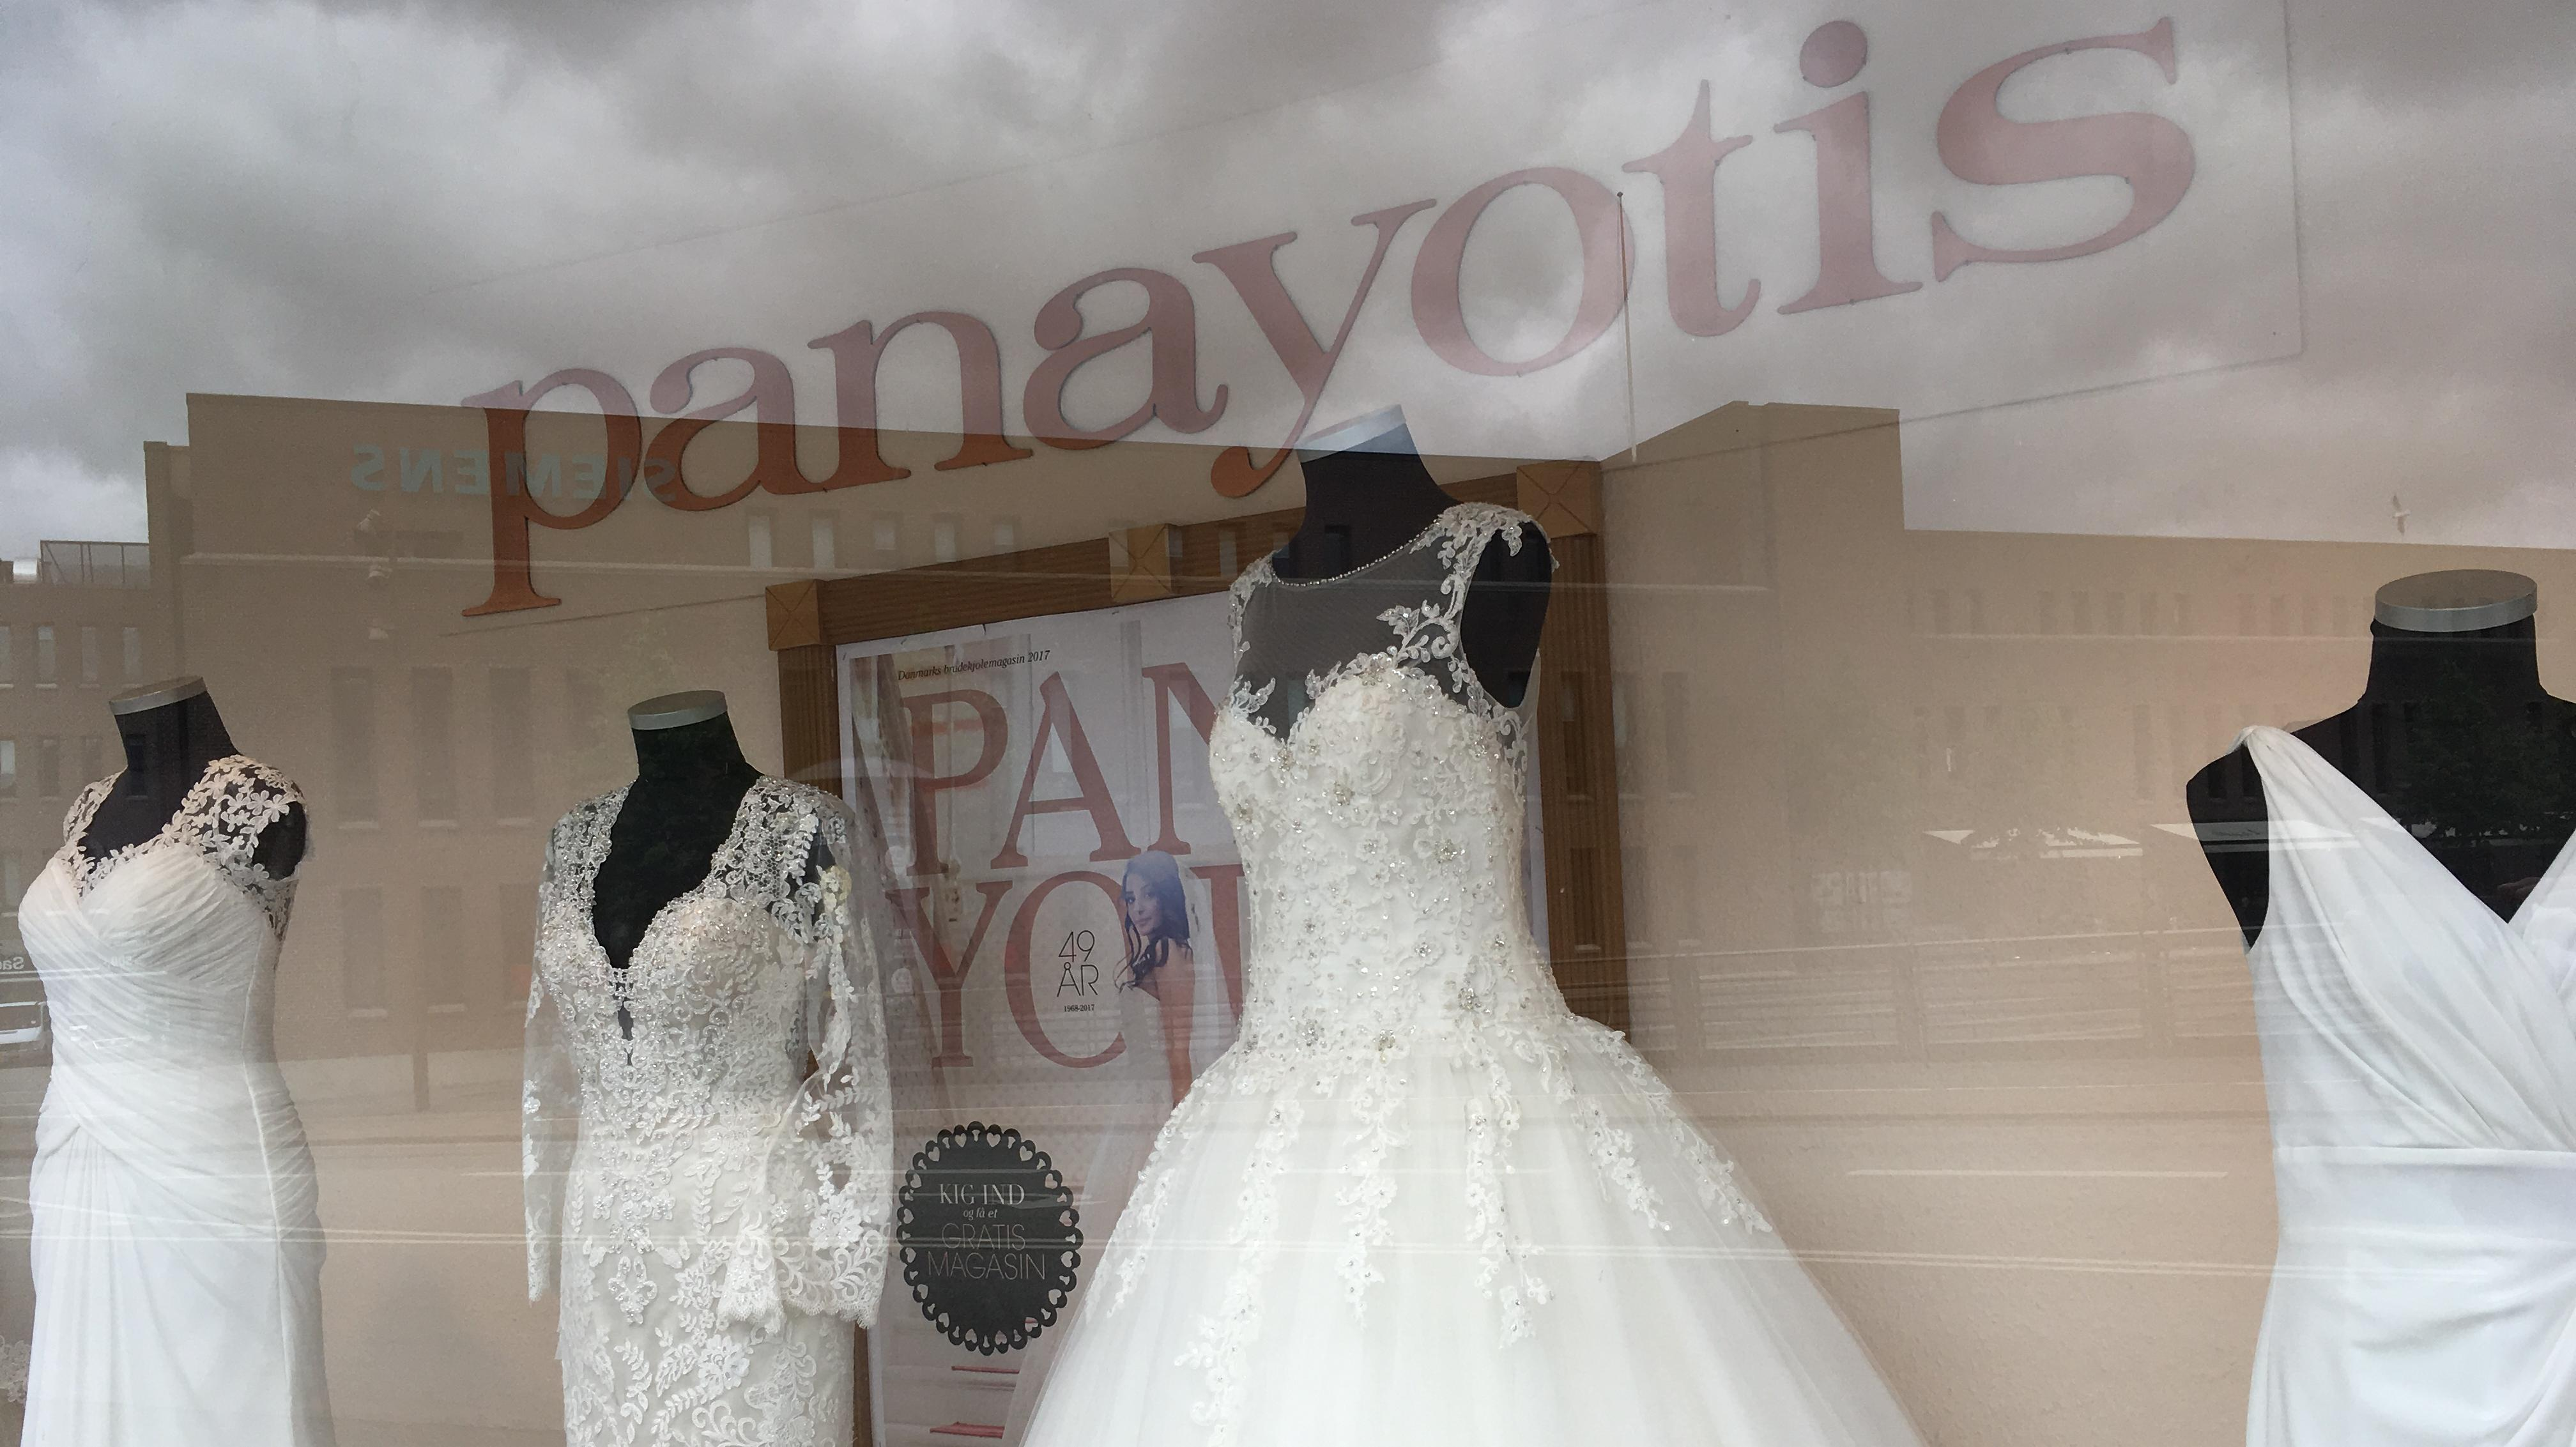 Panayotis